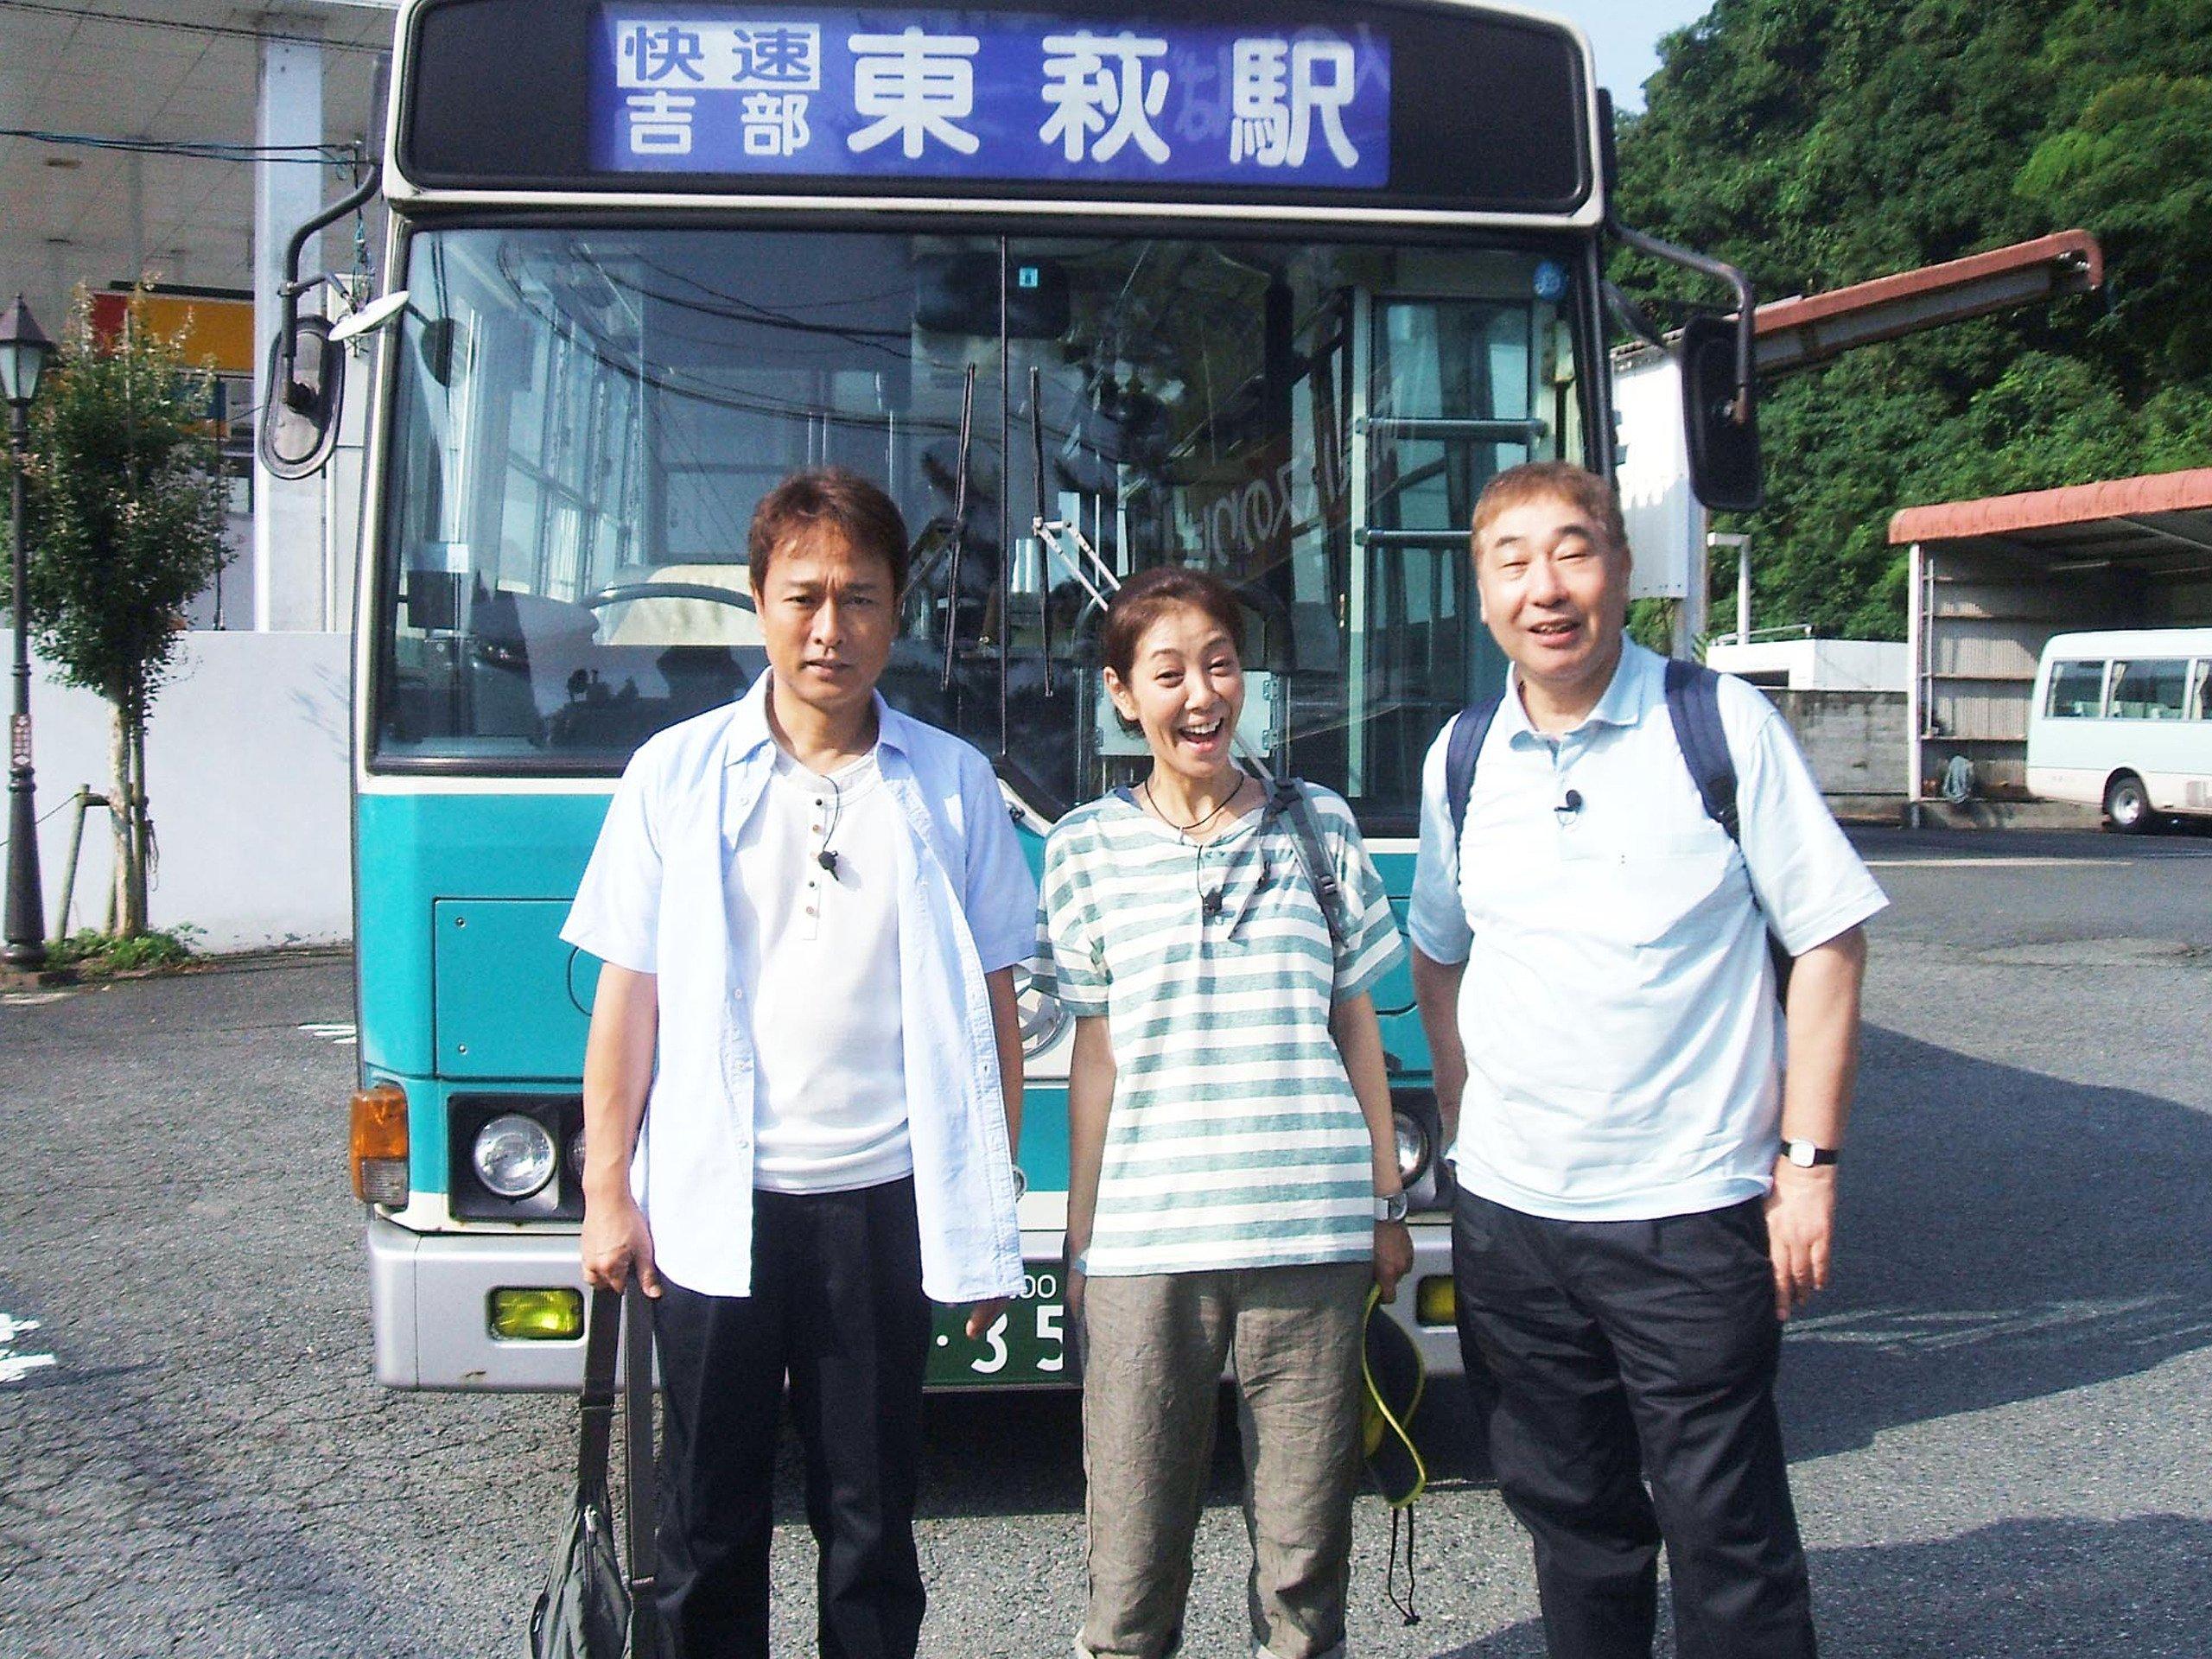 乗り継ぎ z 路線 バス 動画 ローカル の 旅